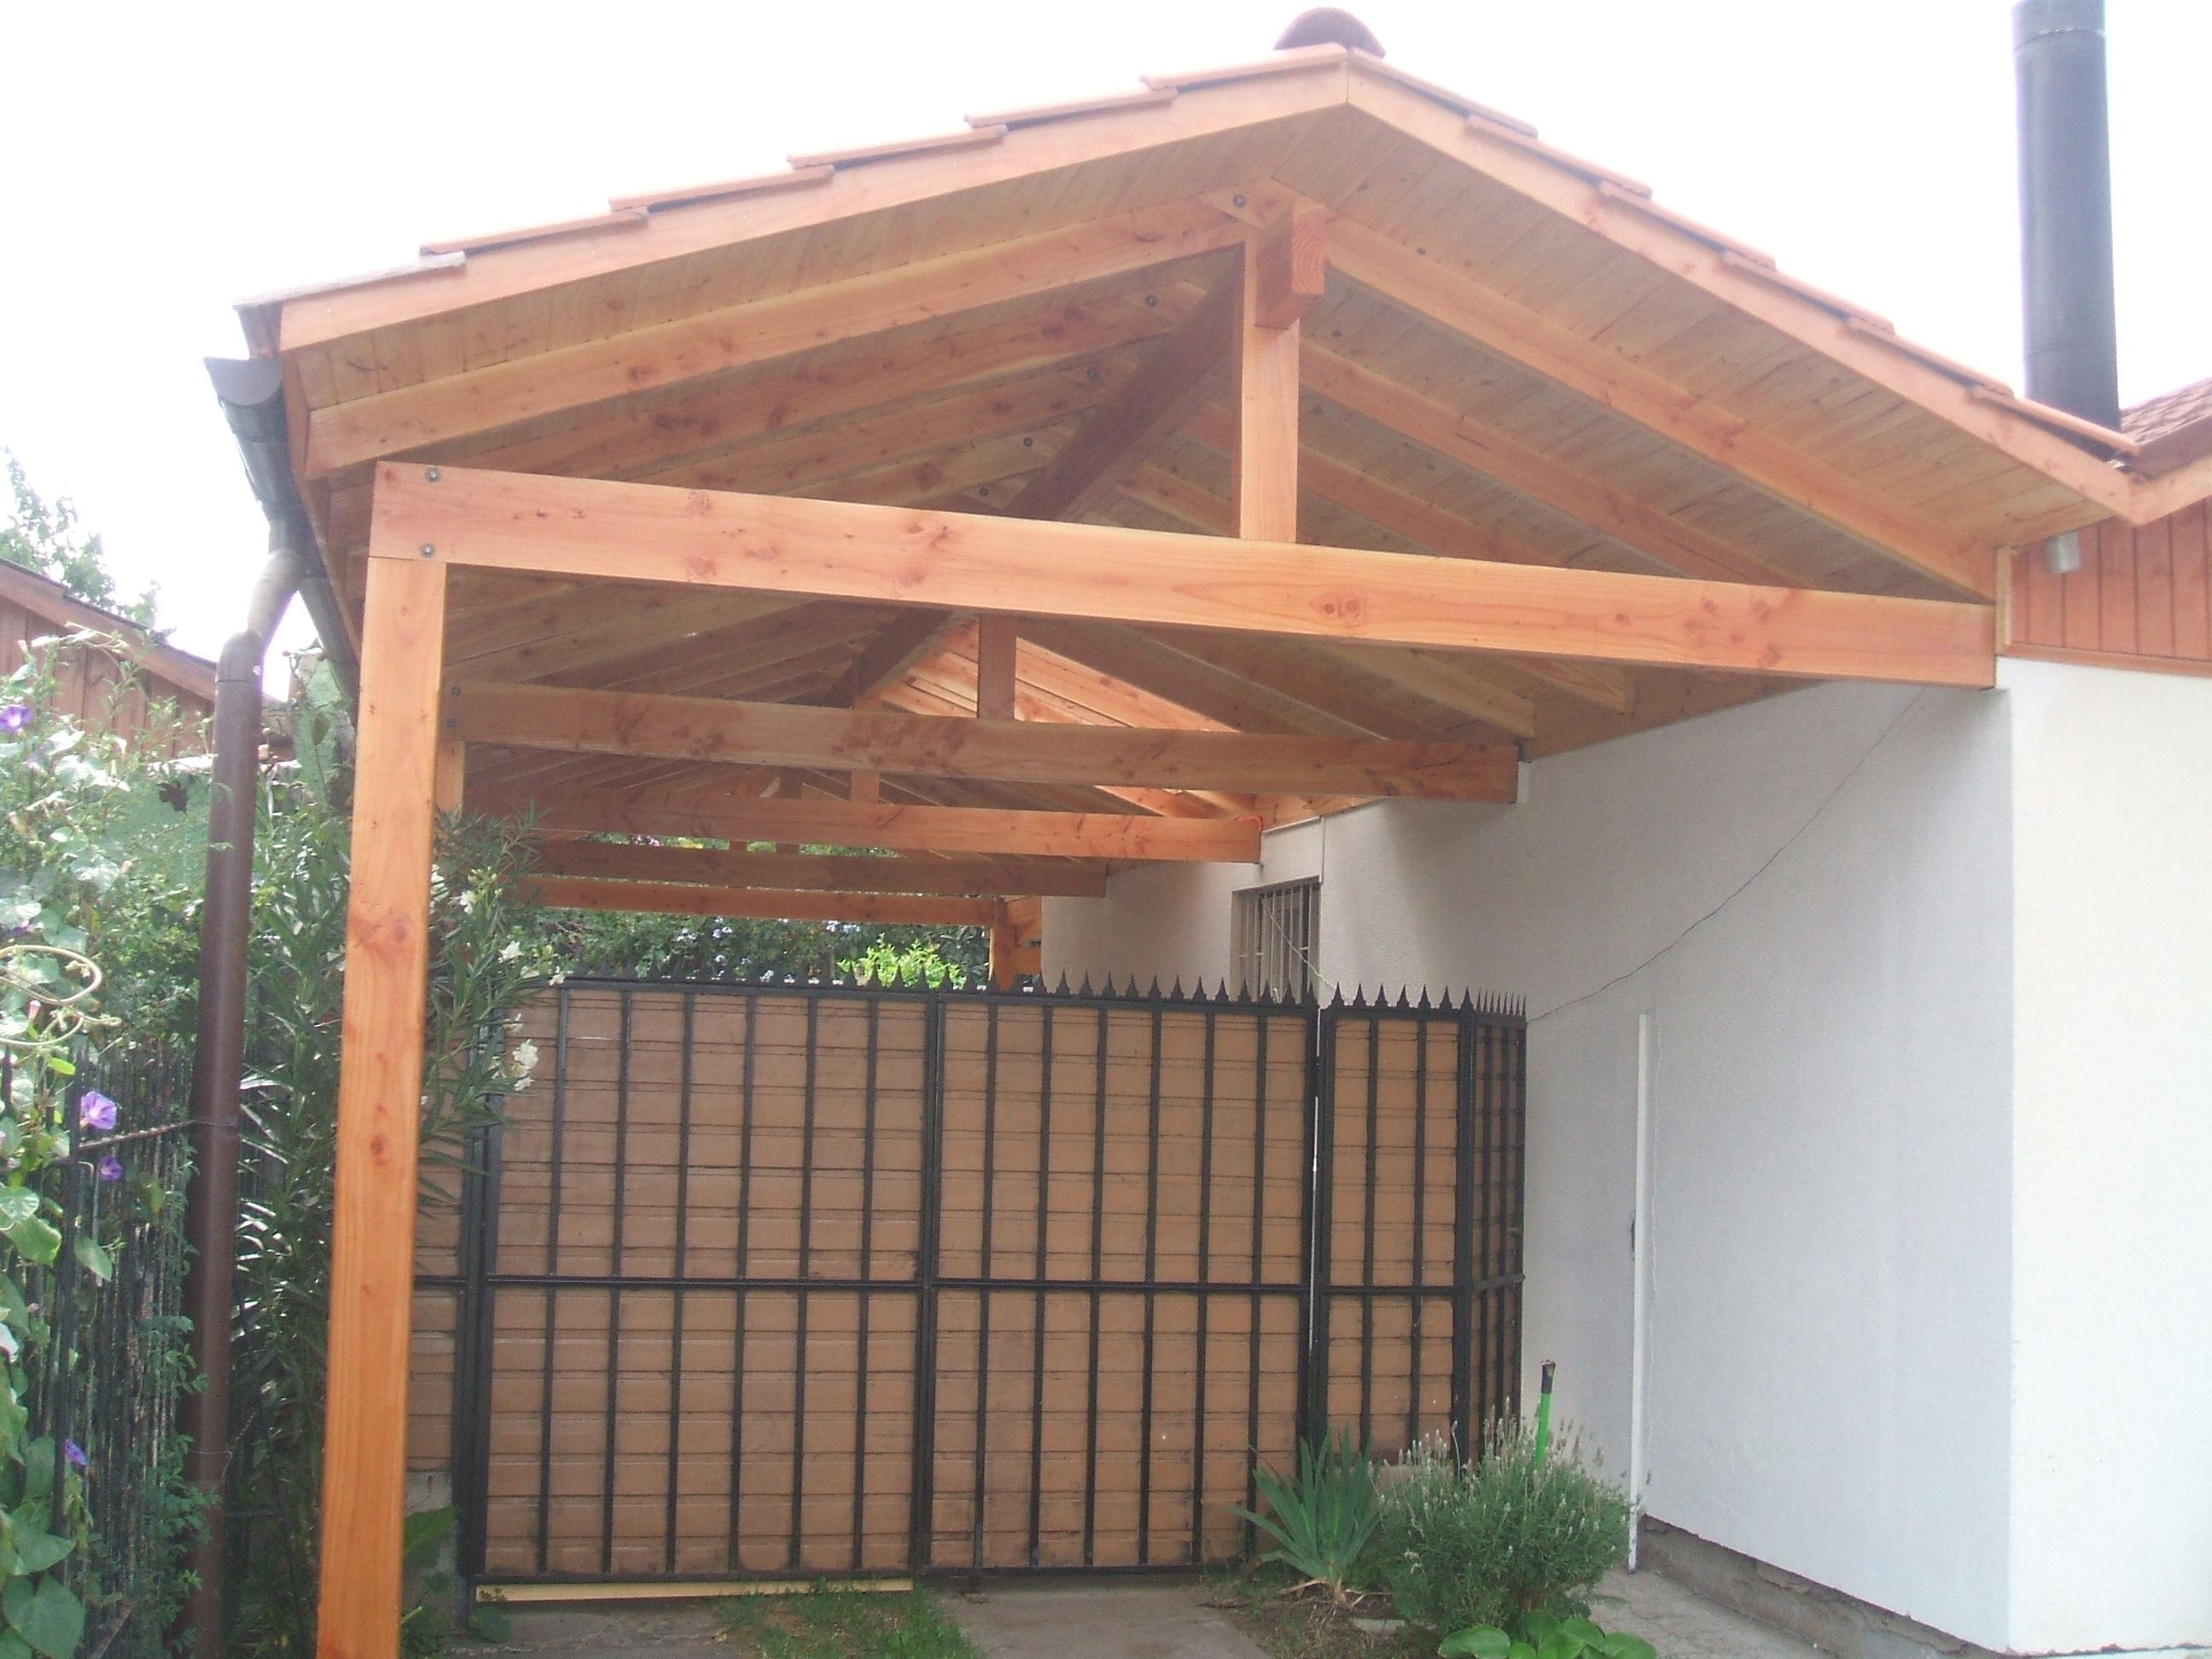 Creacion construcciones pergolas y dise os for Cobertizo de madera ideas de disenos